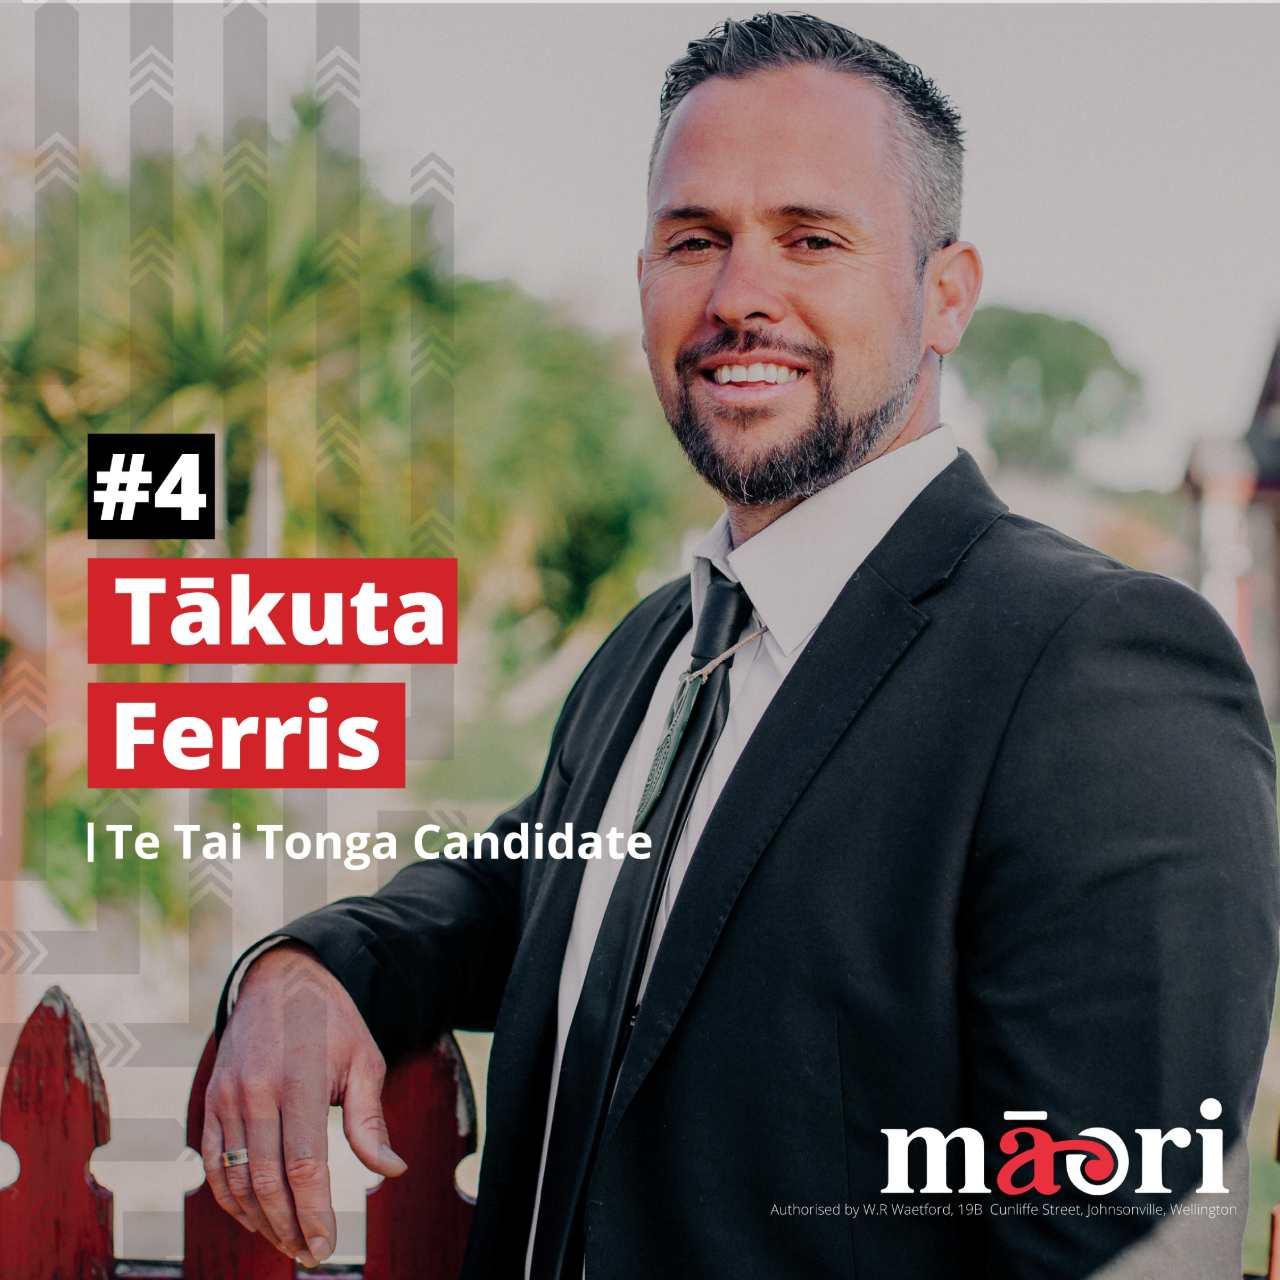 Tākuta Ferris, Te Tai Tonga Candidate